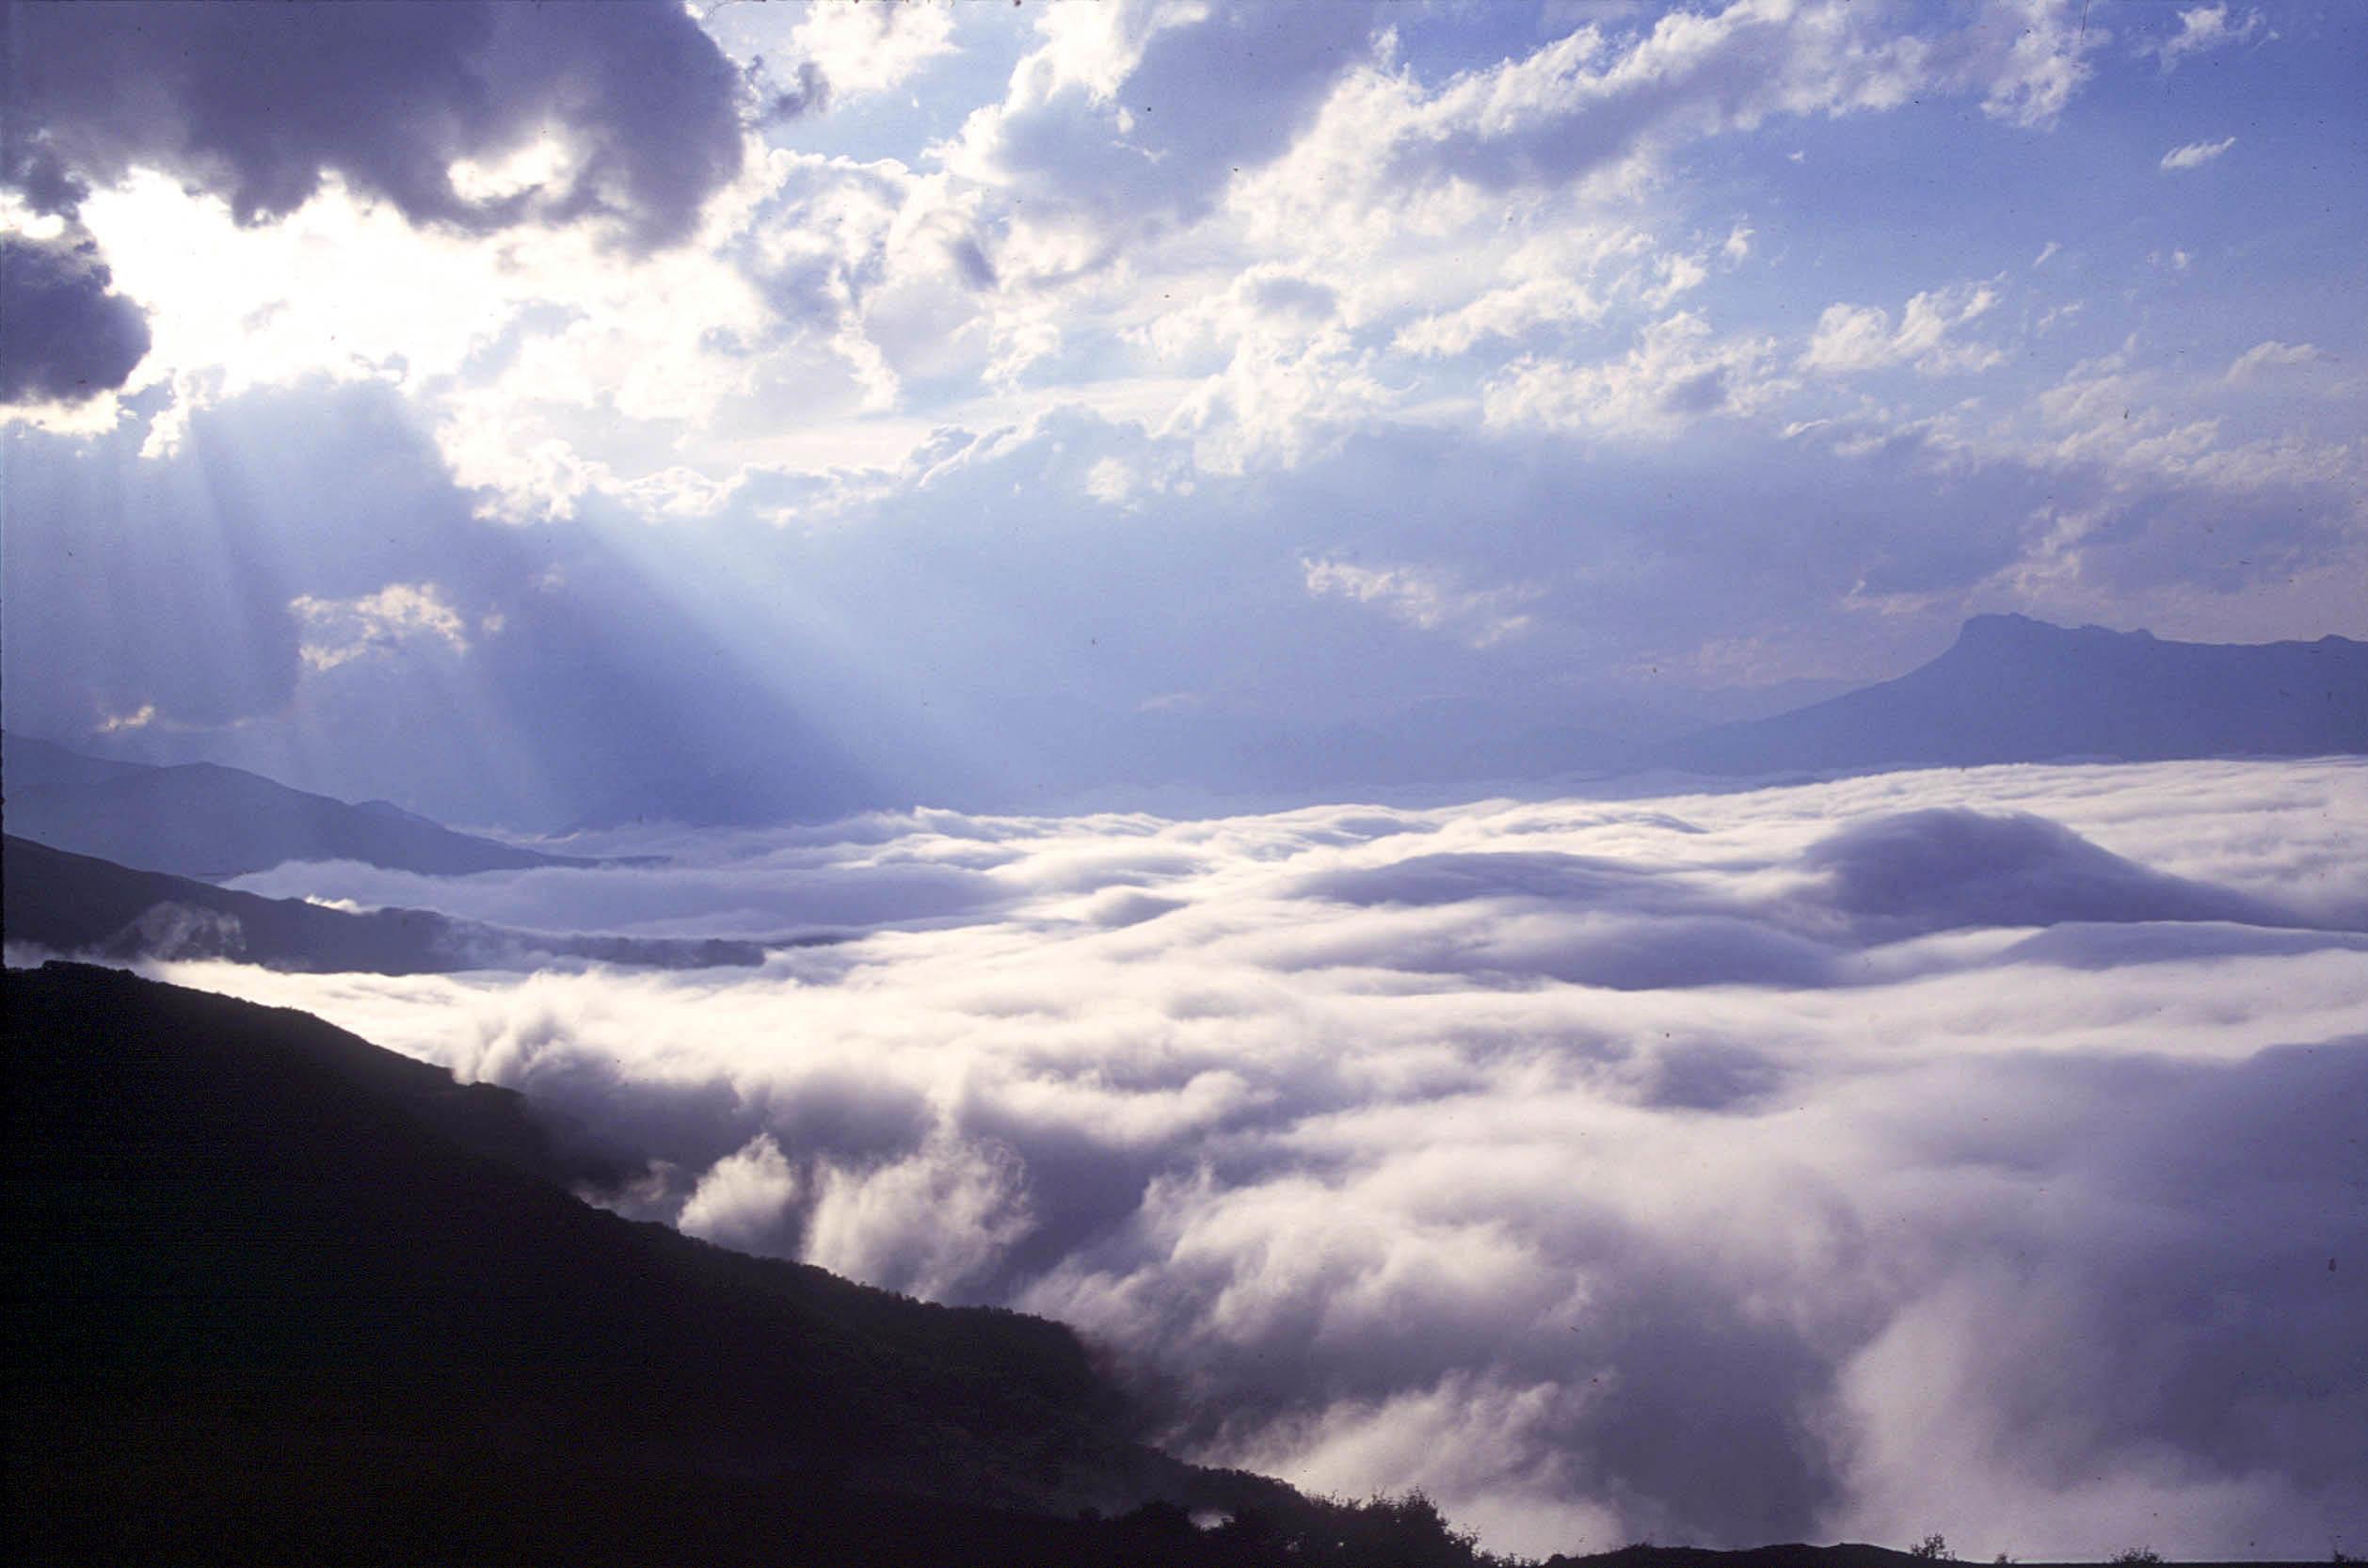 картинка выше облаков в горах вам